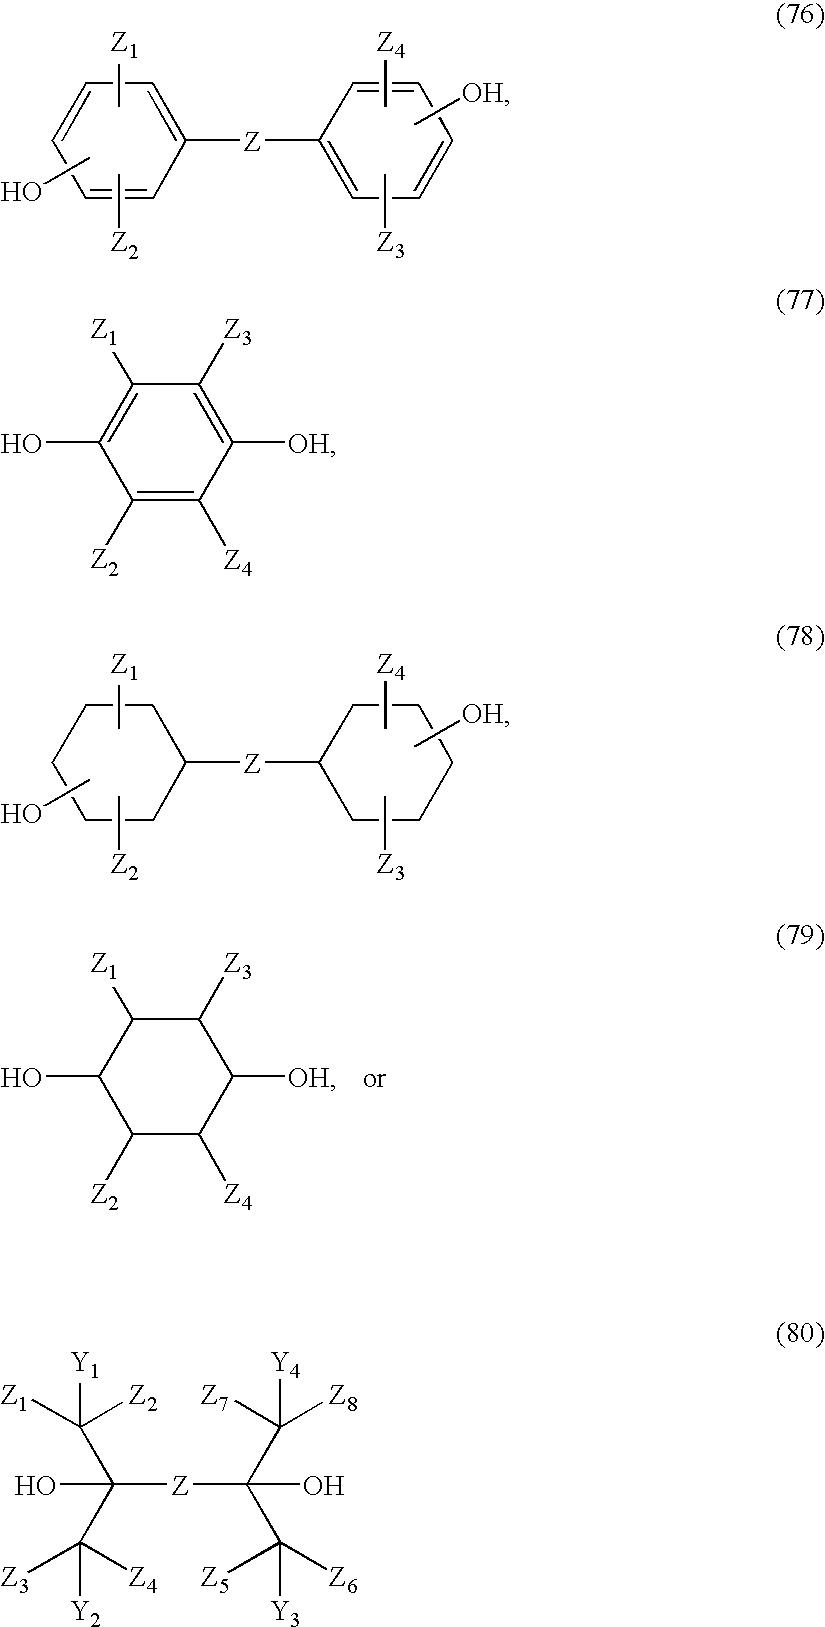 Figure US07550549-20090623-C00046